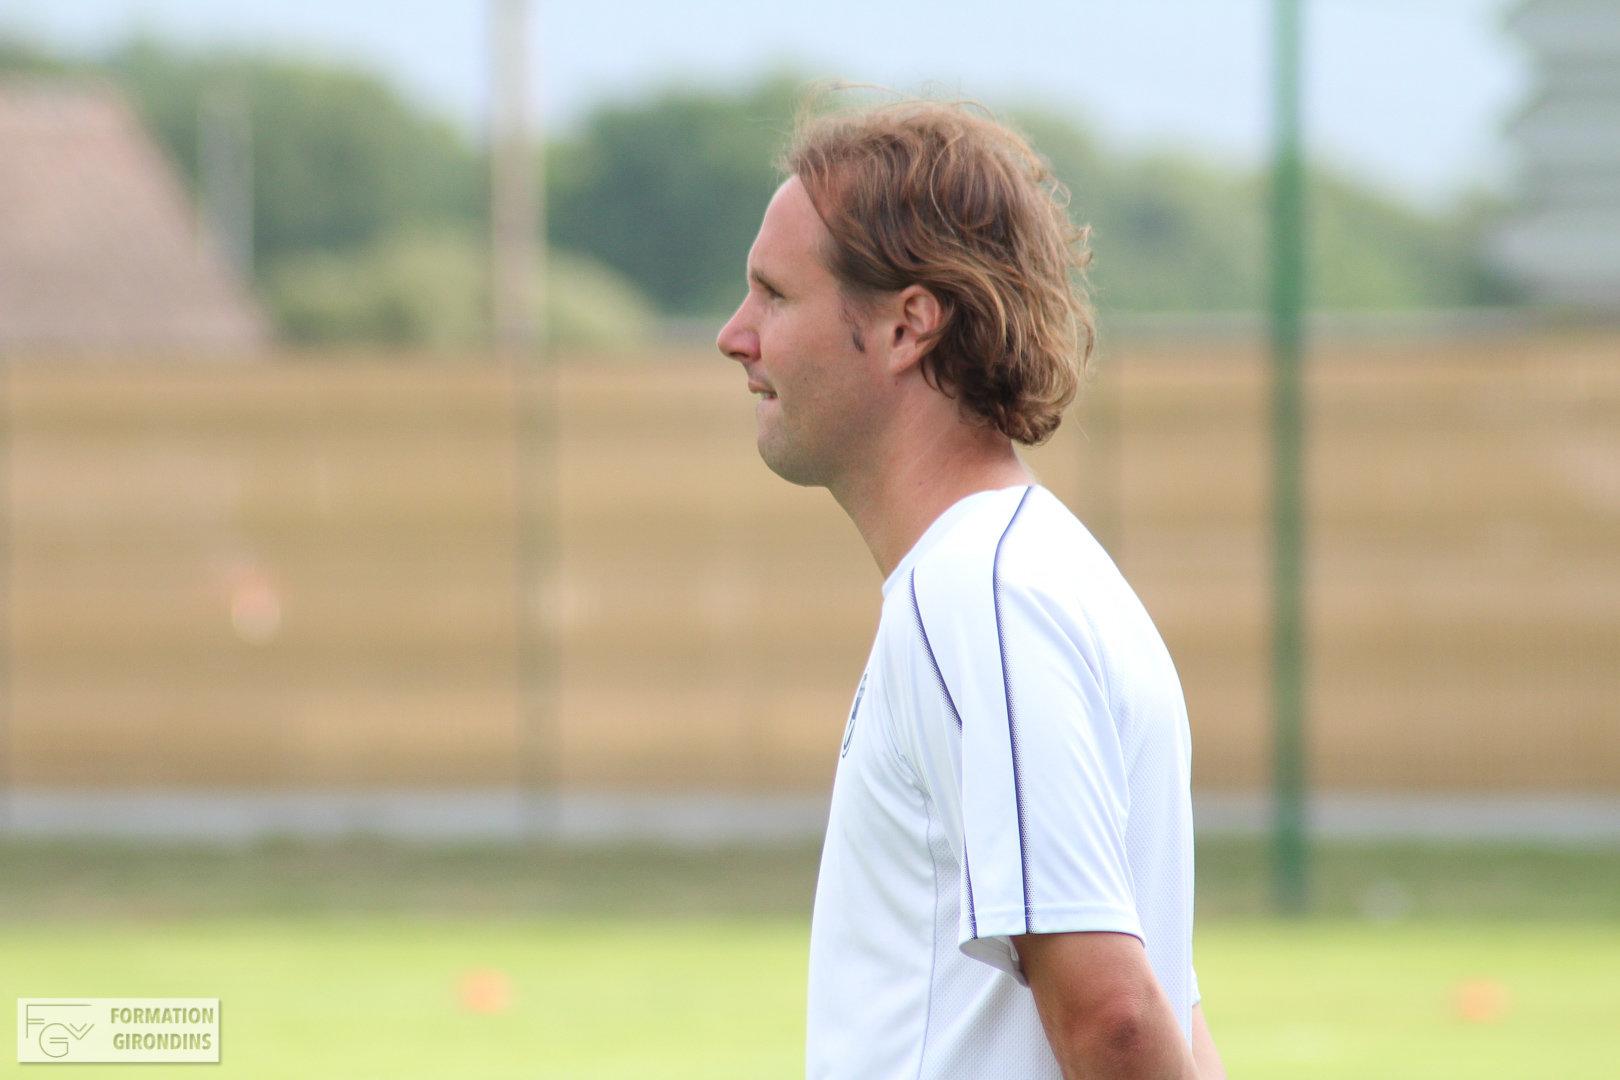 Cfa Girondins : Manu Giudicelli - « C'est un match qui permet de tirer des enseignements sur le chemin qui reste à parcourir » - Formation Girondins